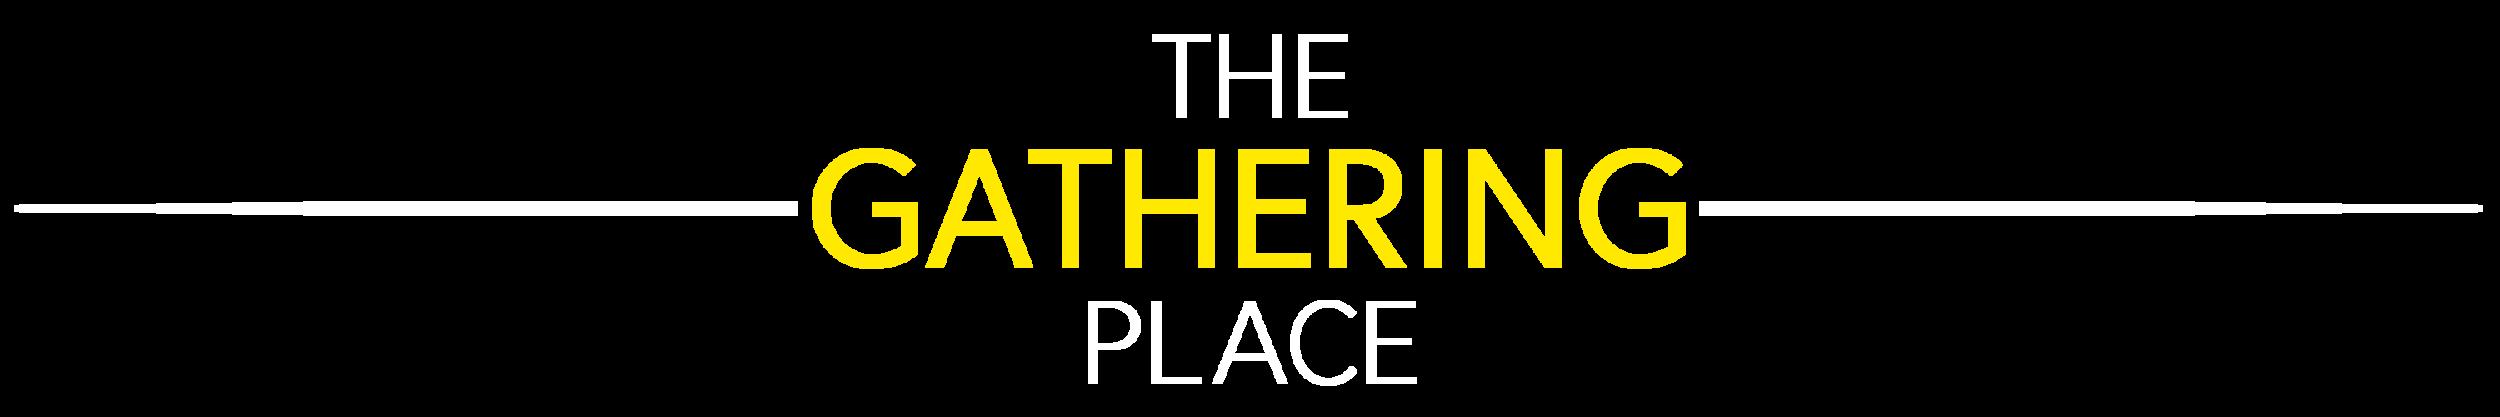 logo-for-header.png